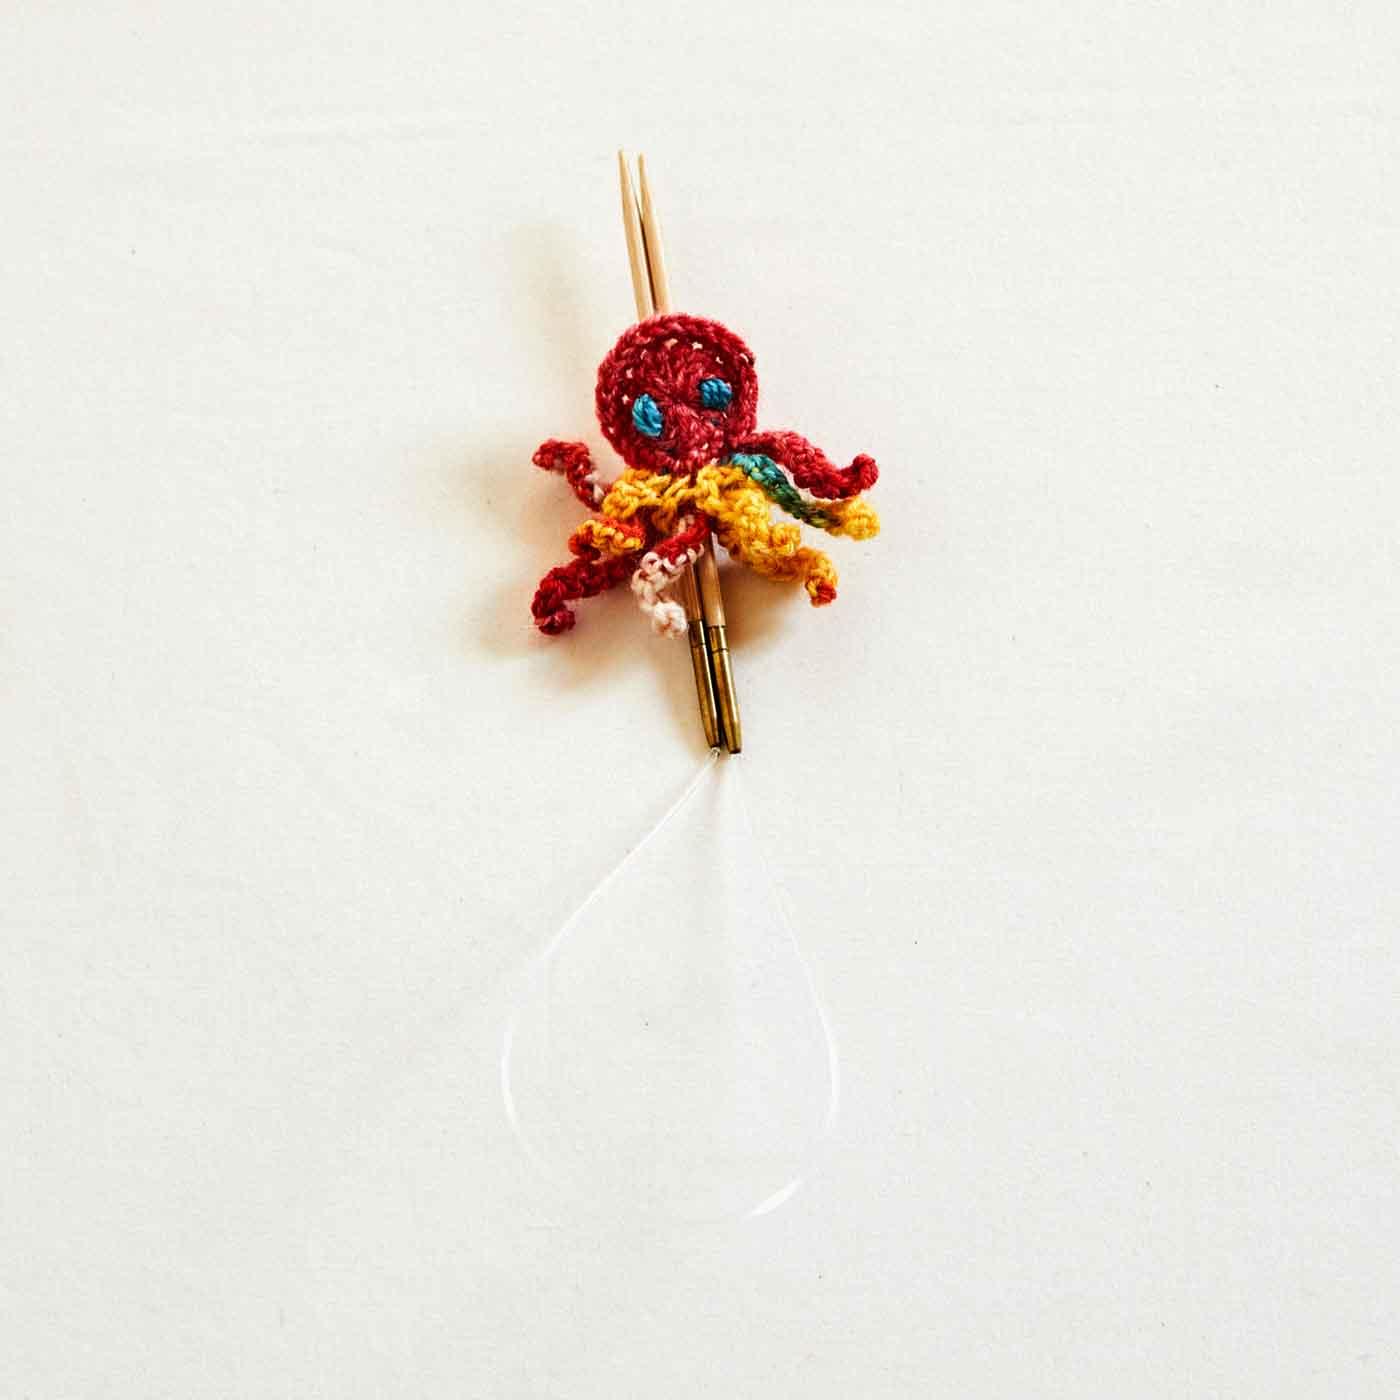 気仙沼のお母さんが手編みした、針ホルダーにもなる「ちびタコちゃん」付き。